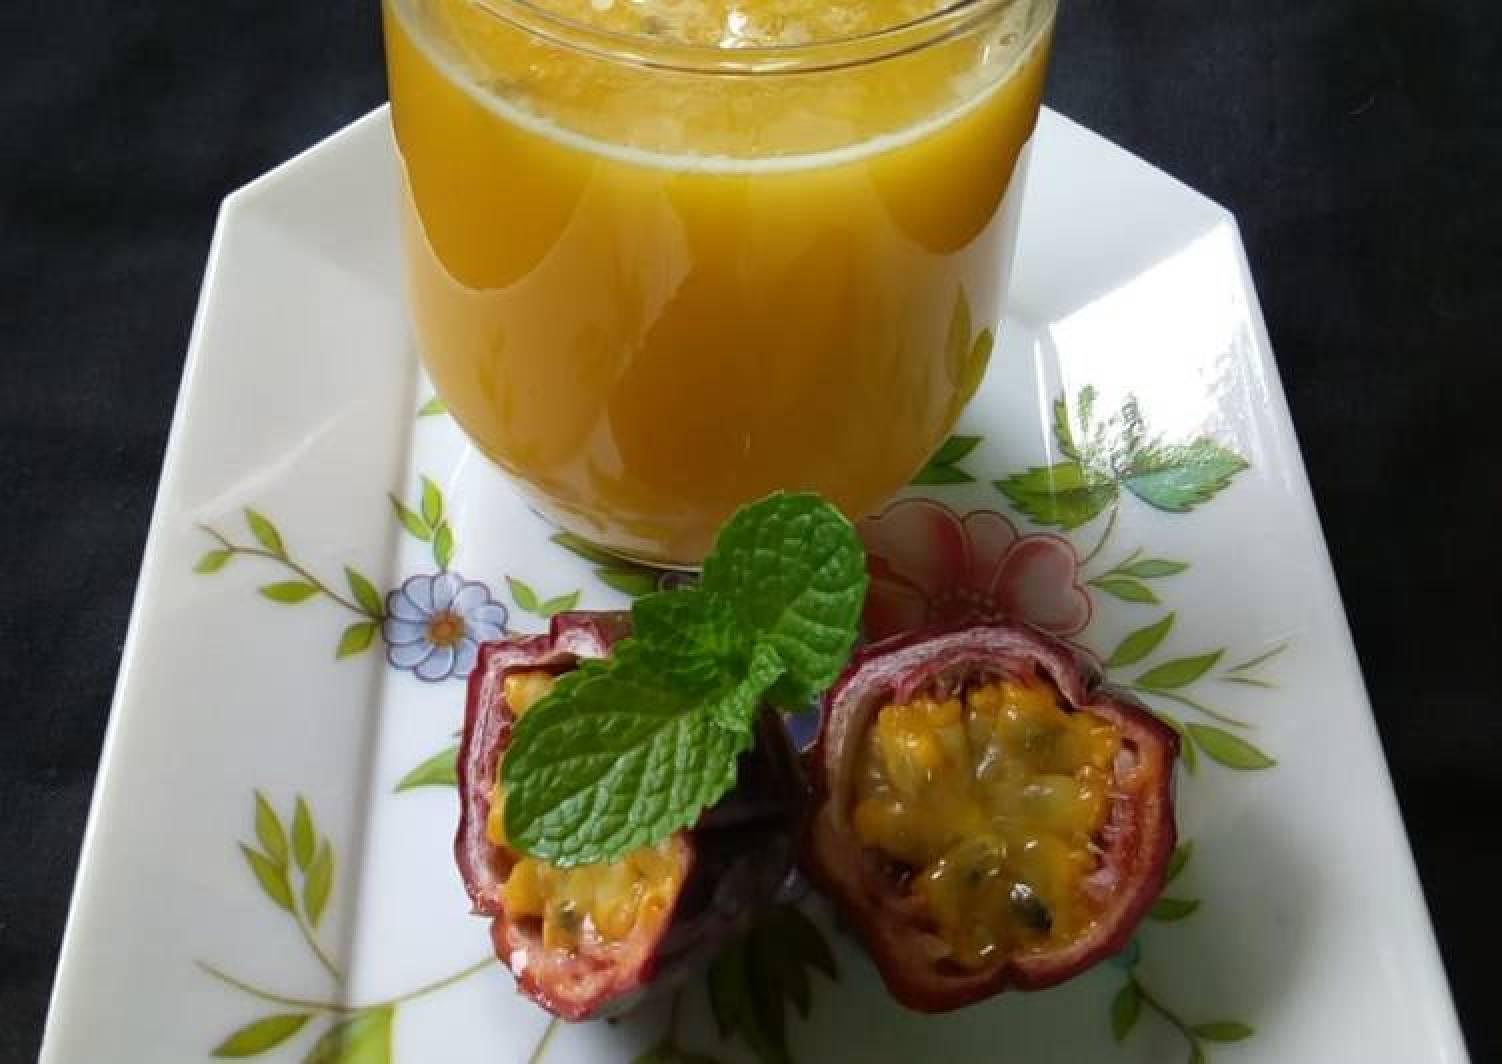 Fresh Passion Fruit juice #photographychallenge